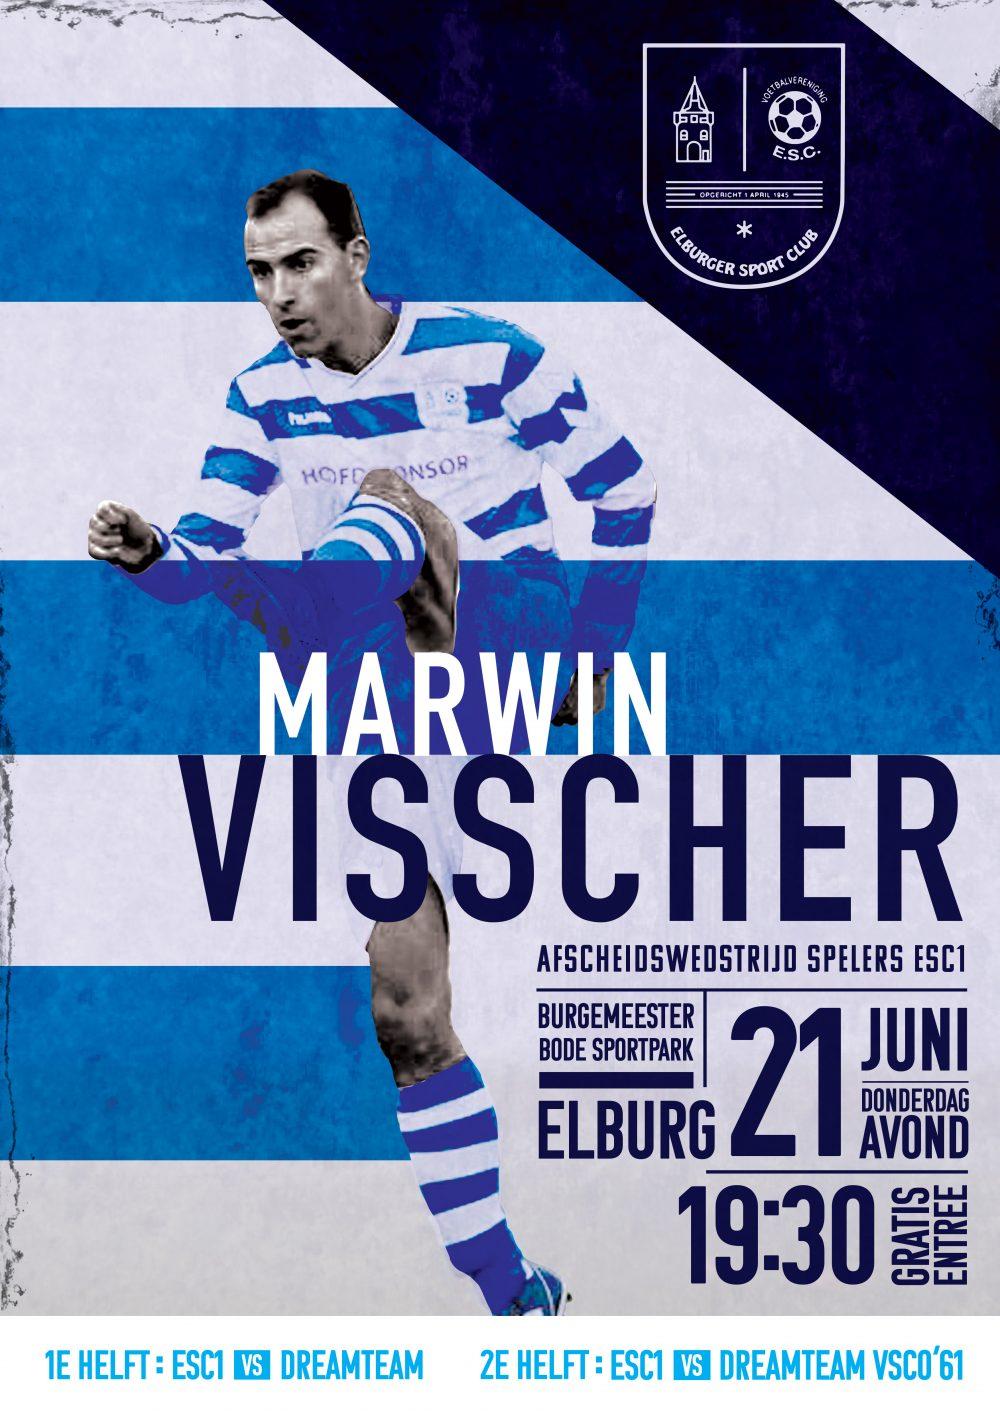 Afscheidswedstrijd ESC 1 - Elburger SC